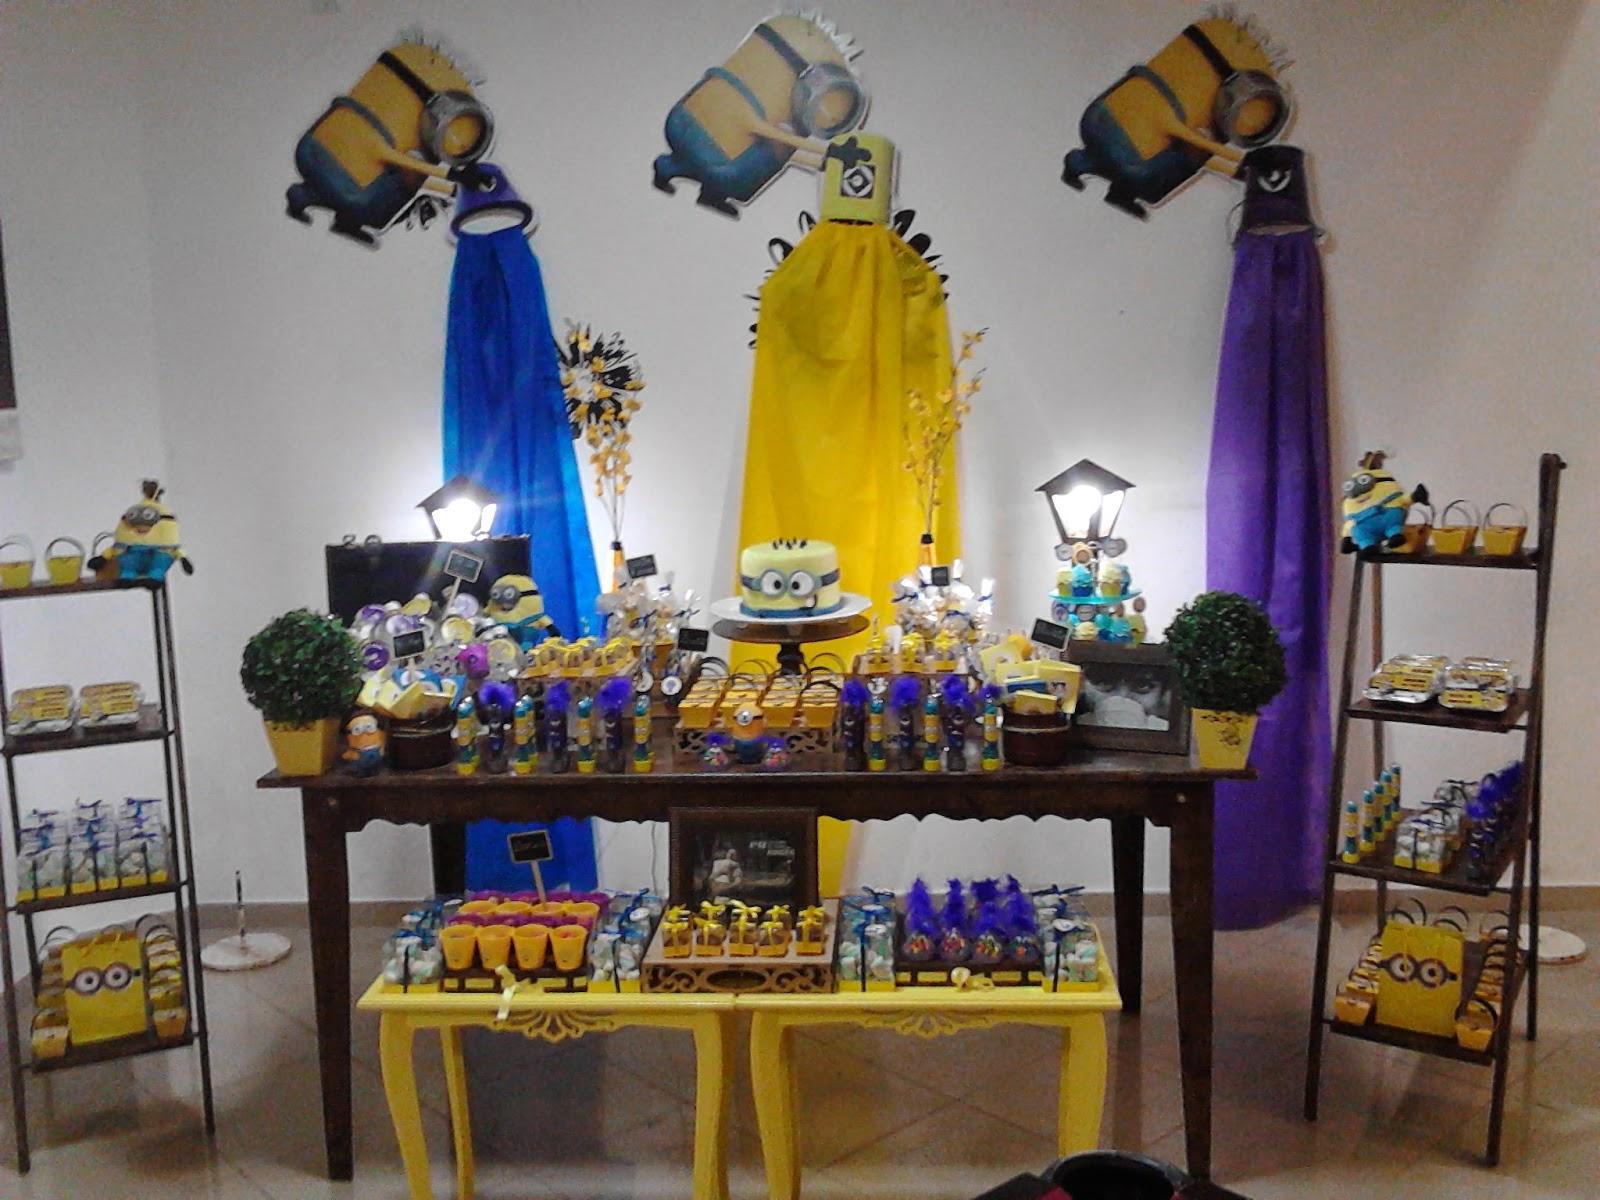 decoracao festa minions : decoracao festa minions:Minions Decoracao Rustica